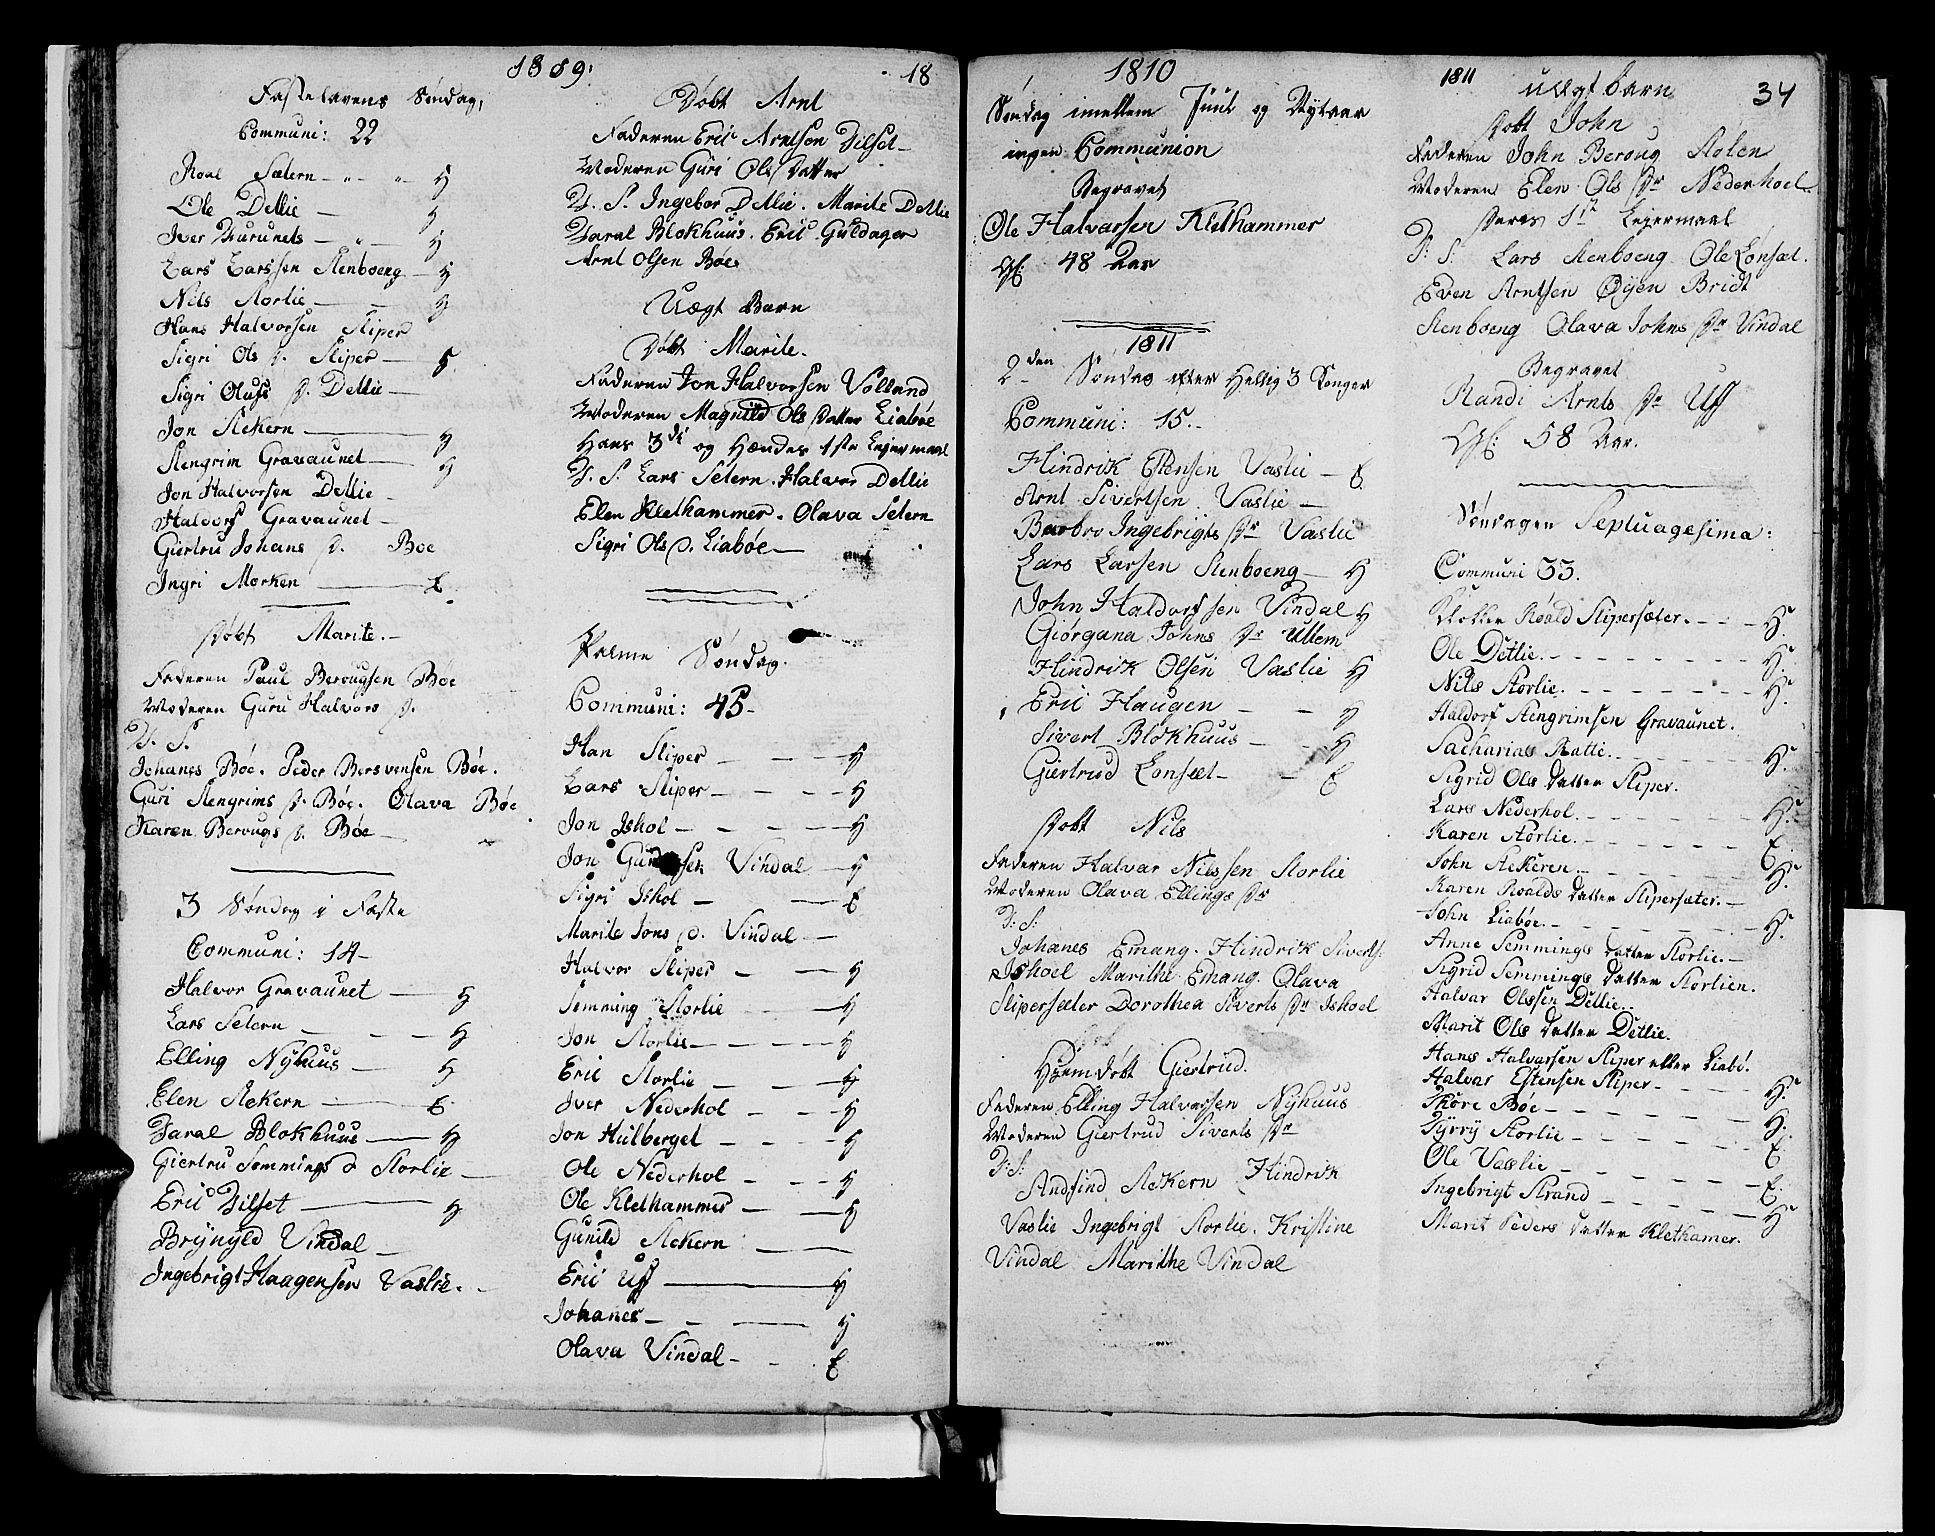 SAT, Ministerialprotokoller, klokkerbøker og fødselsregistre - Sør-Trøndelag, 679/L0921: Klokkerbok nr. 679C01, 1792-1840, s. 34